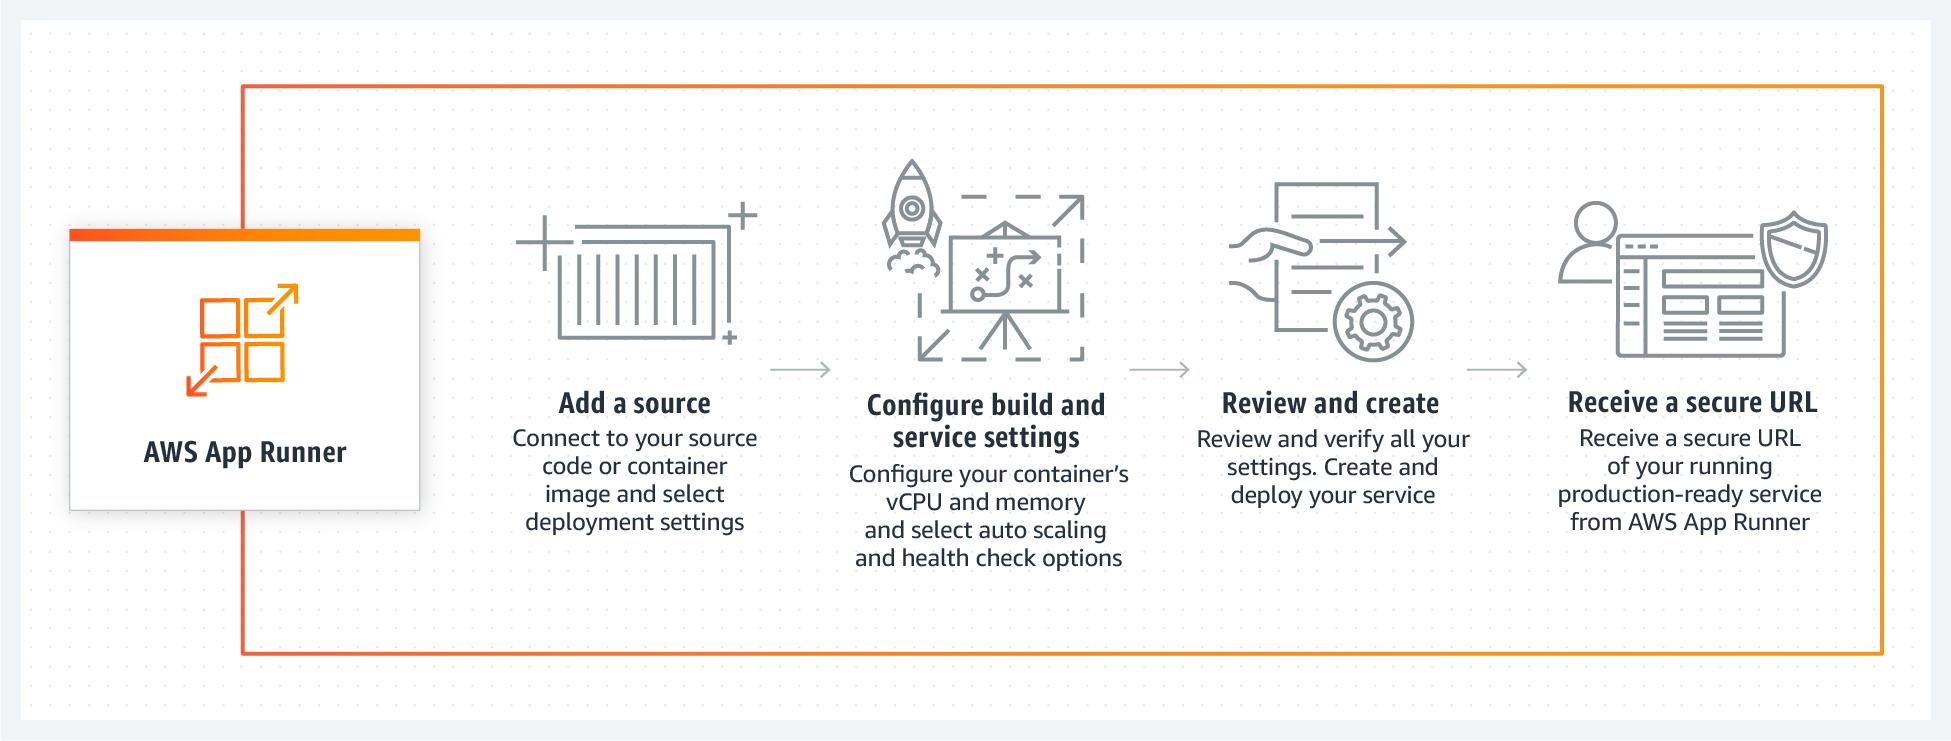 AWS App Runner - How It Works Diagram